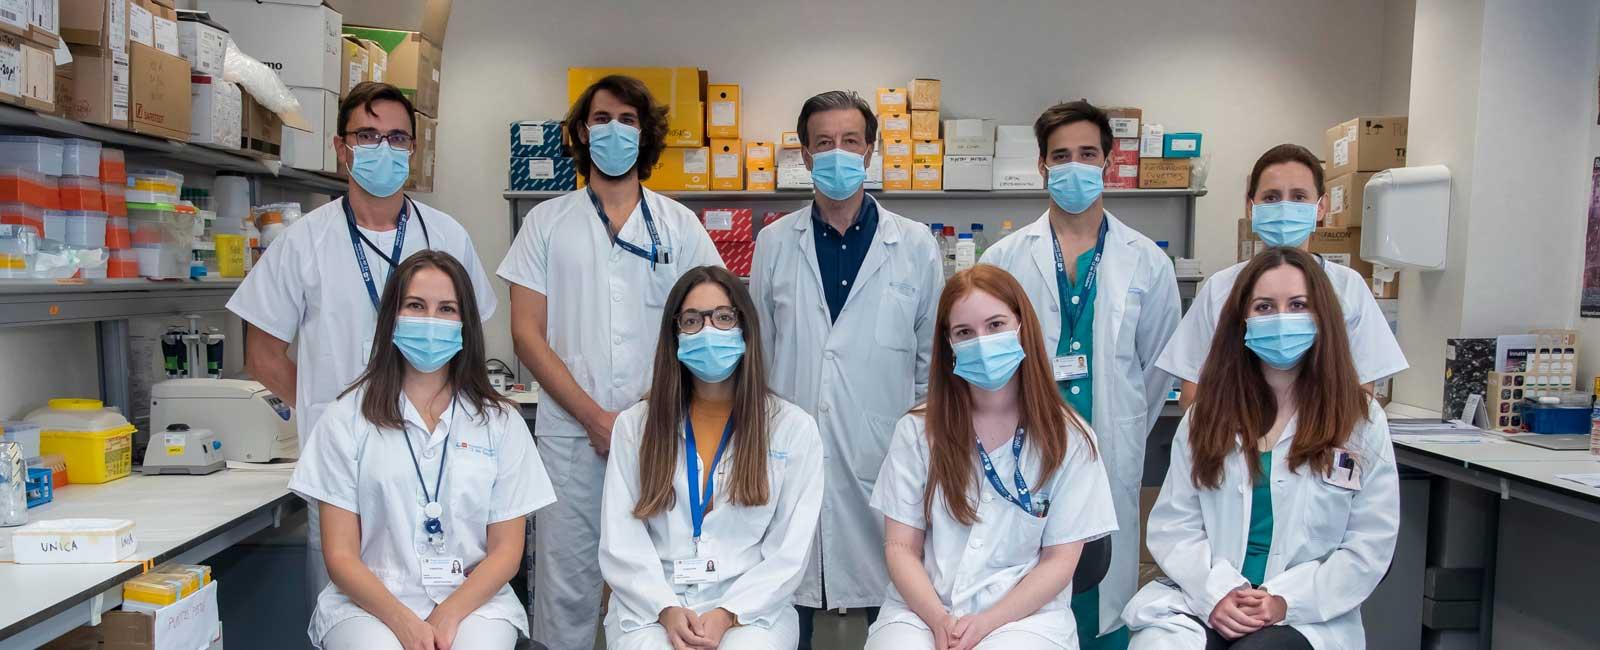 Luis-Alvarez-Vallina-Ayudas-Covid-Biomedicina